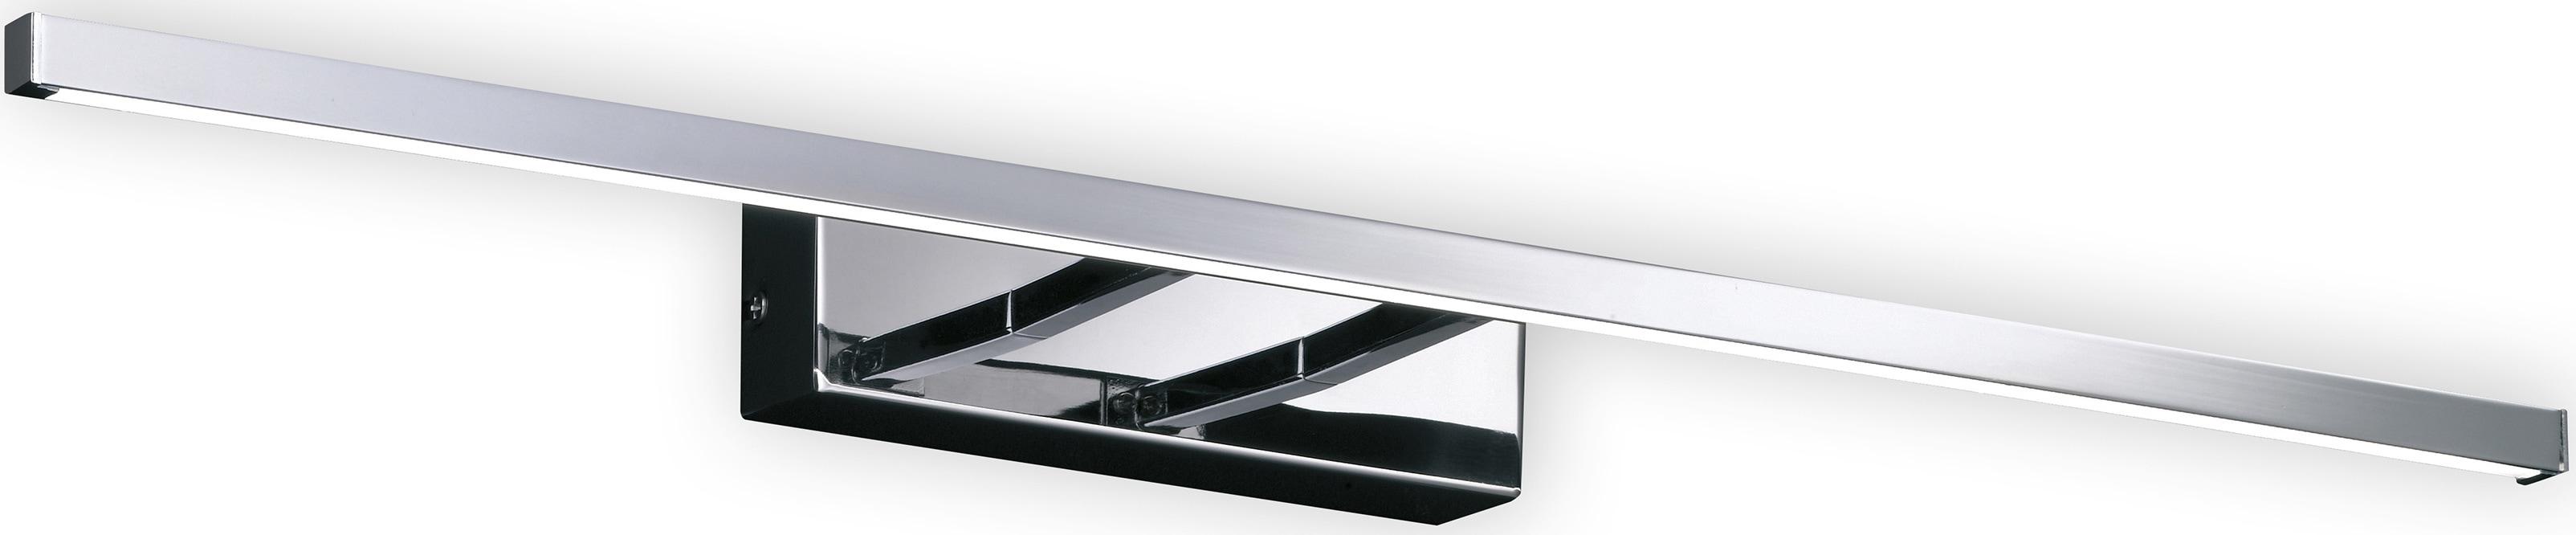 FISCHER & HONSEL LED Wandleuchte Bassa, LED-Modul, Warmweiß